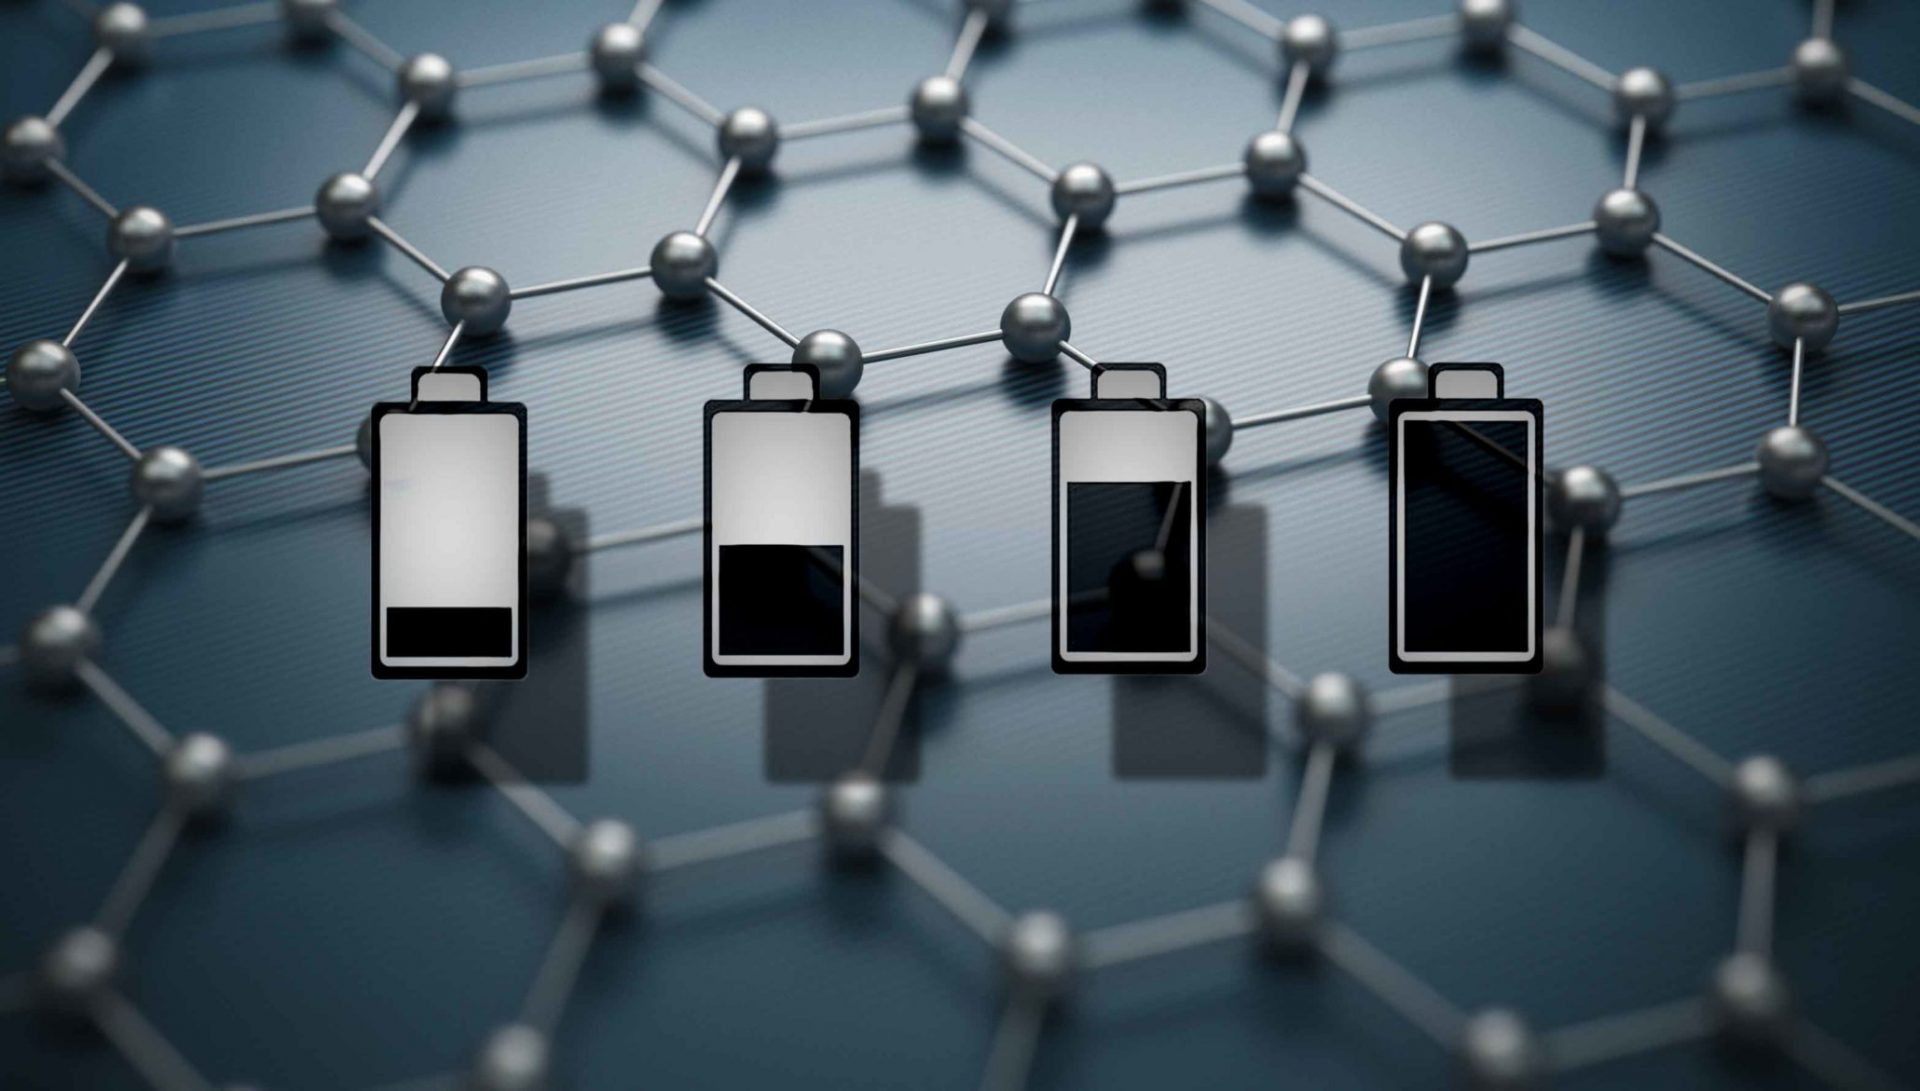 Baterias de grafeno mostram potencial de uso em um futuro próximo